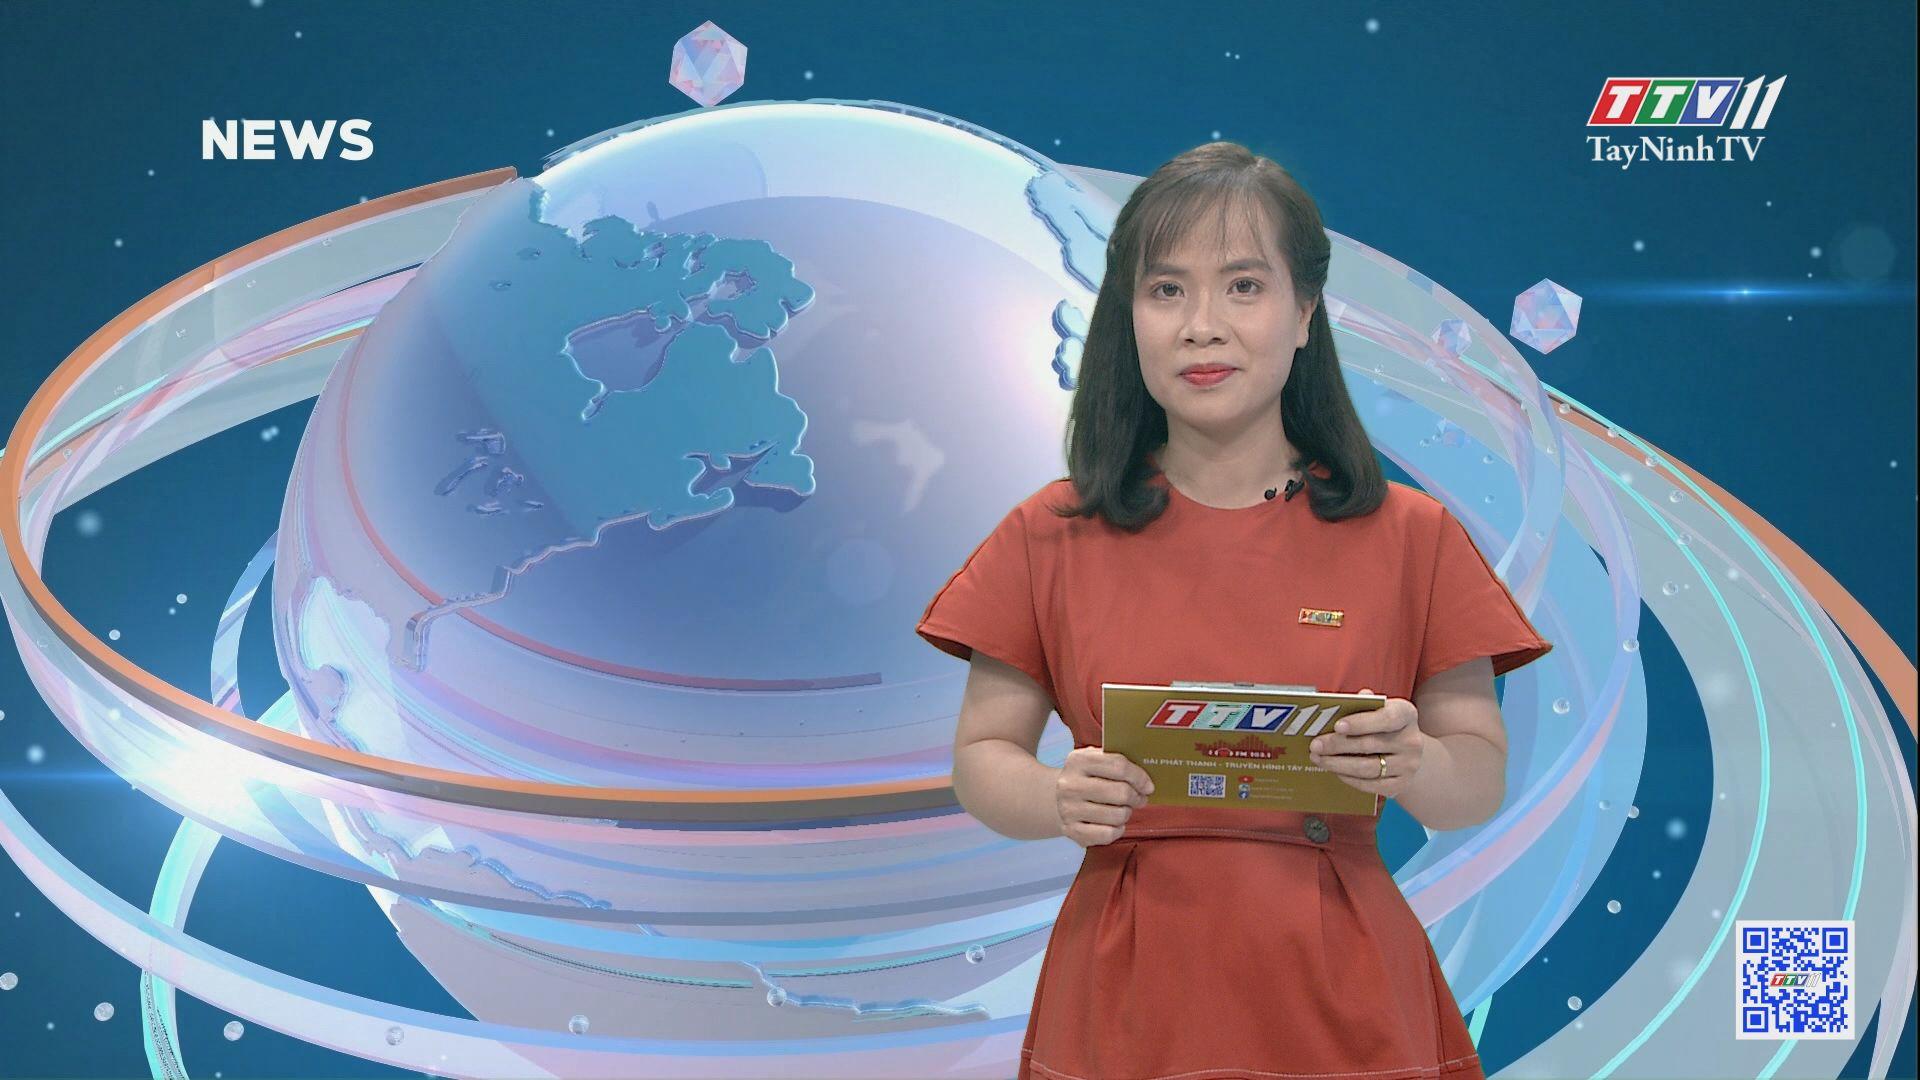 TTVNEWS 21-4-2021 | TayNinhTV Today